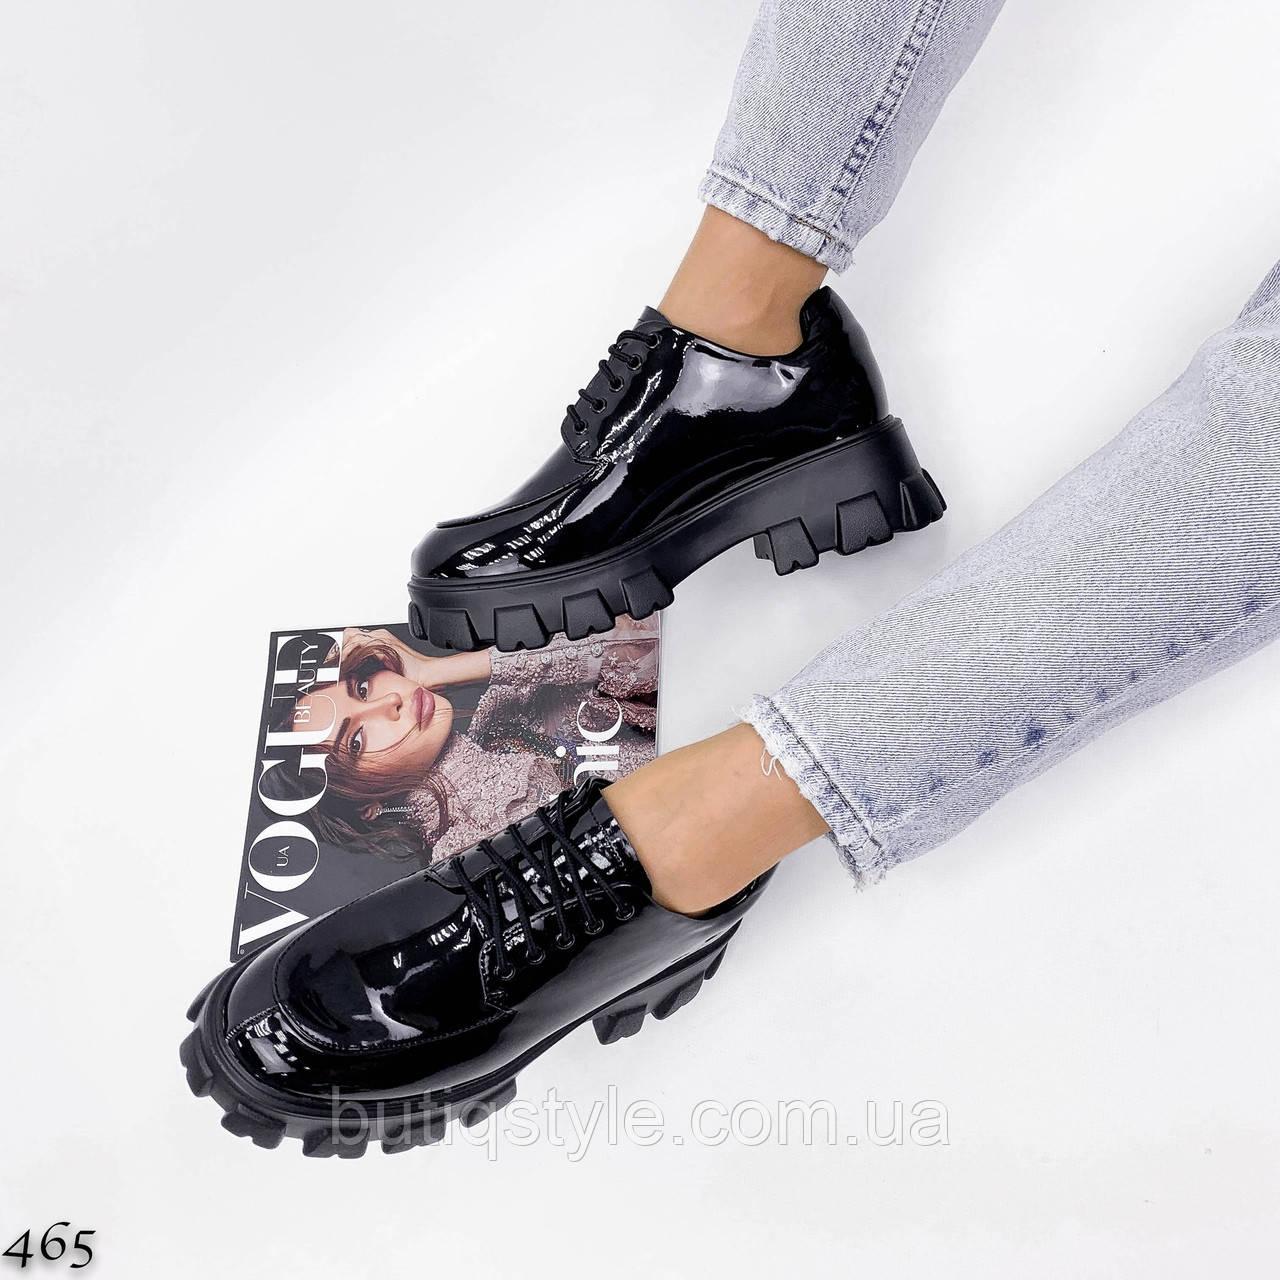 Жіночі чорні броги еко-лак на шнурівці